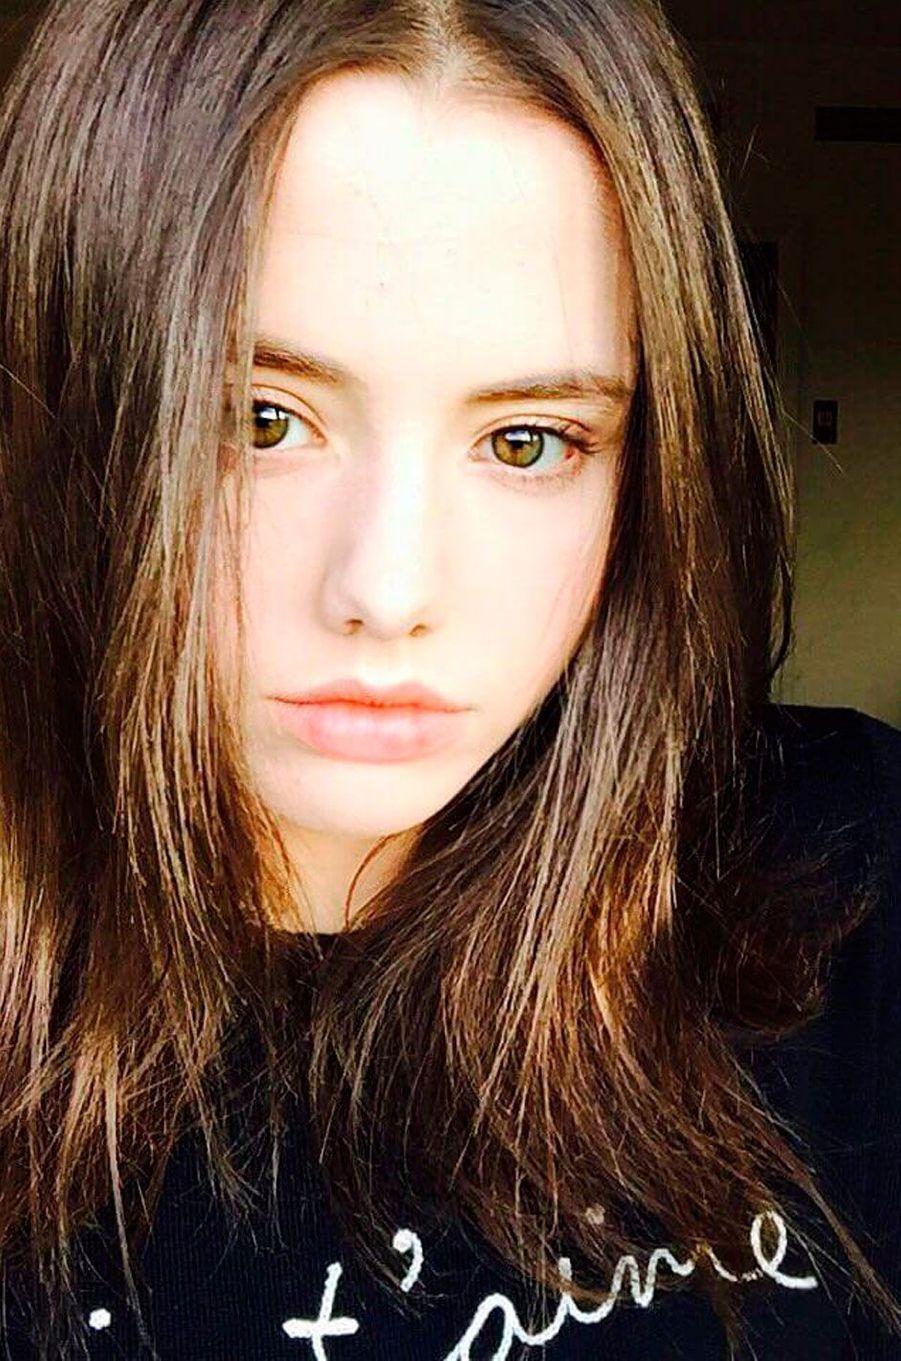 Lily Beckinsale